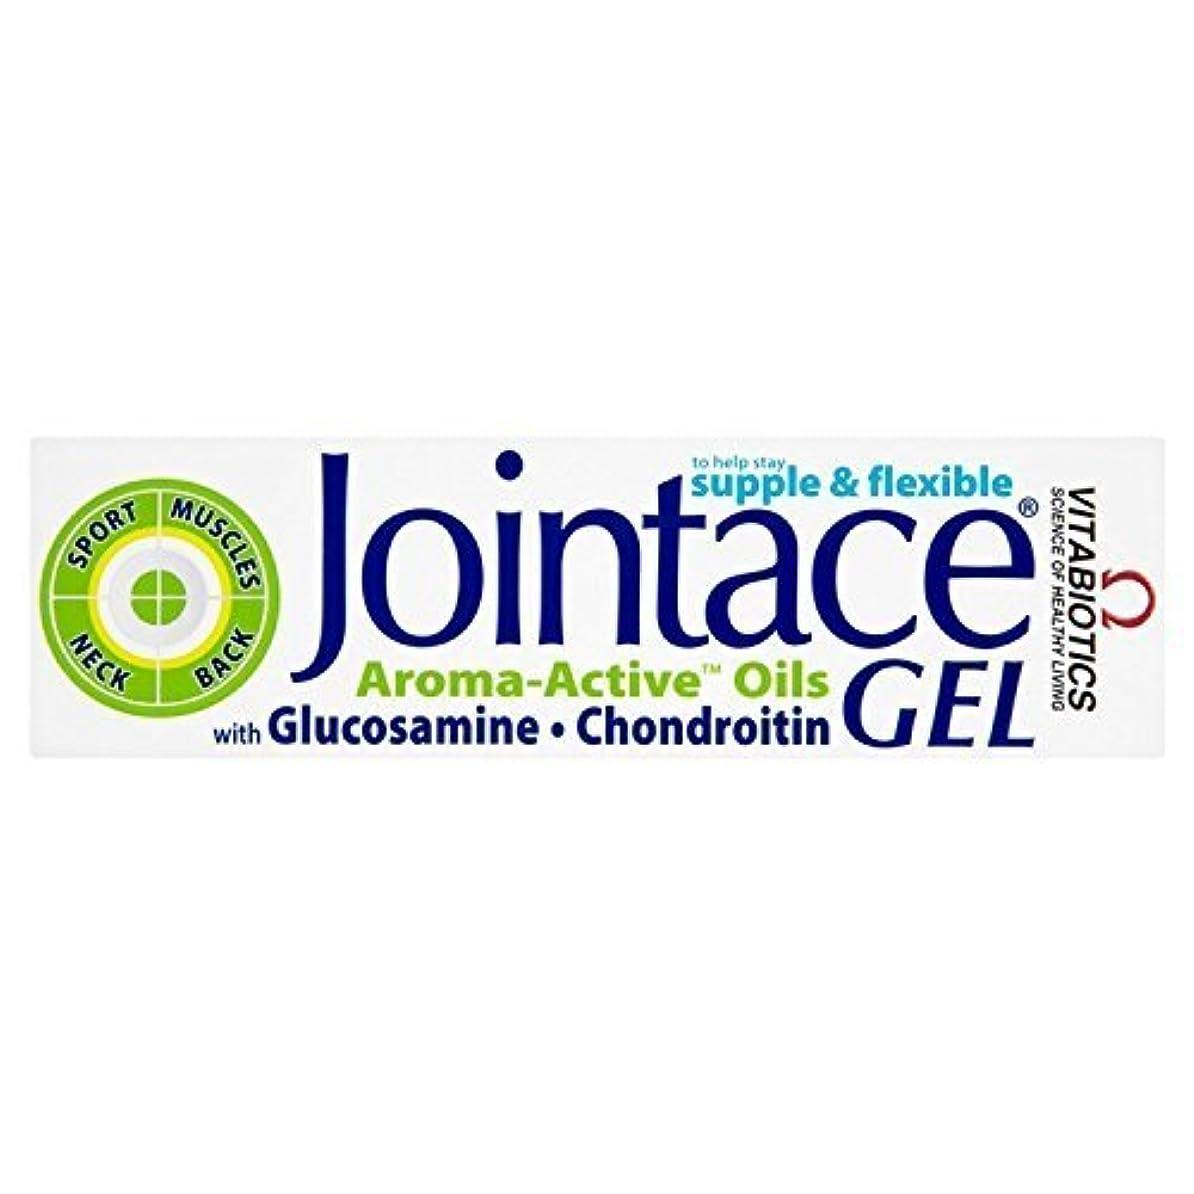 形状抜け目のない医師Vitabiotics Jointace Aromatic Massage Gel - 75ml (To Help stay supple & flexible) by Vitabiotics [並行輸入品]